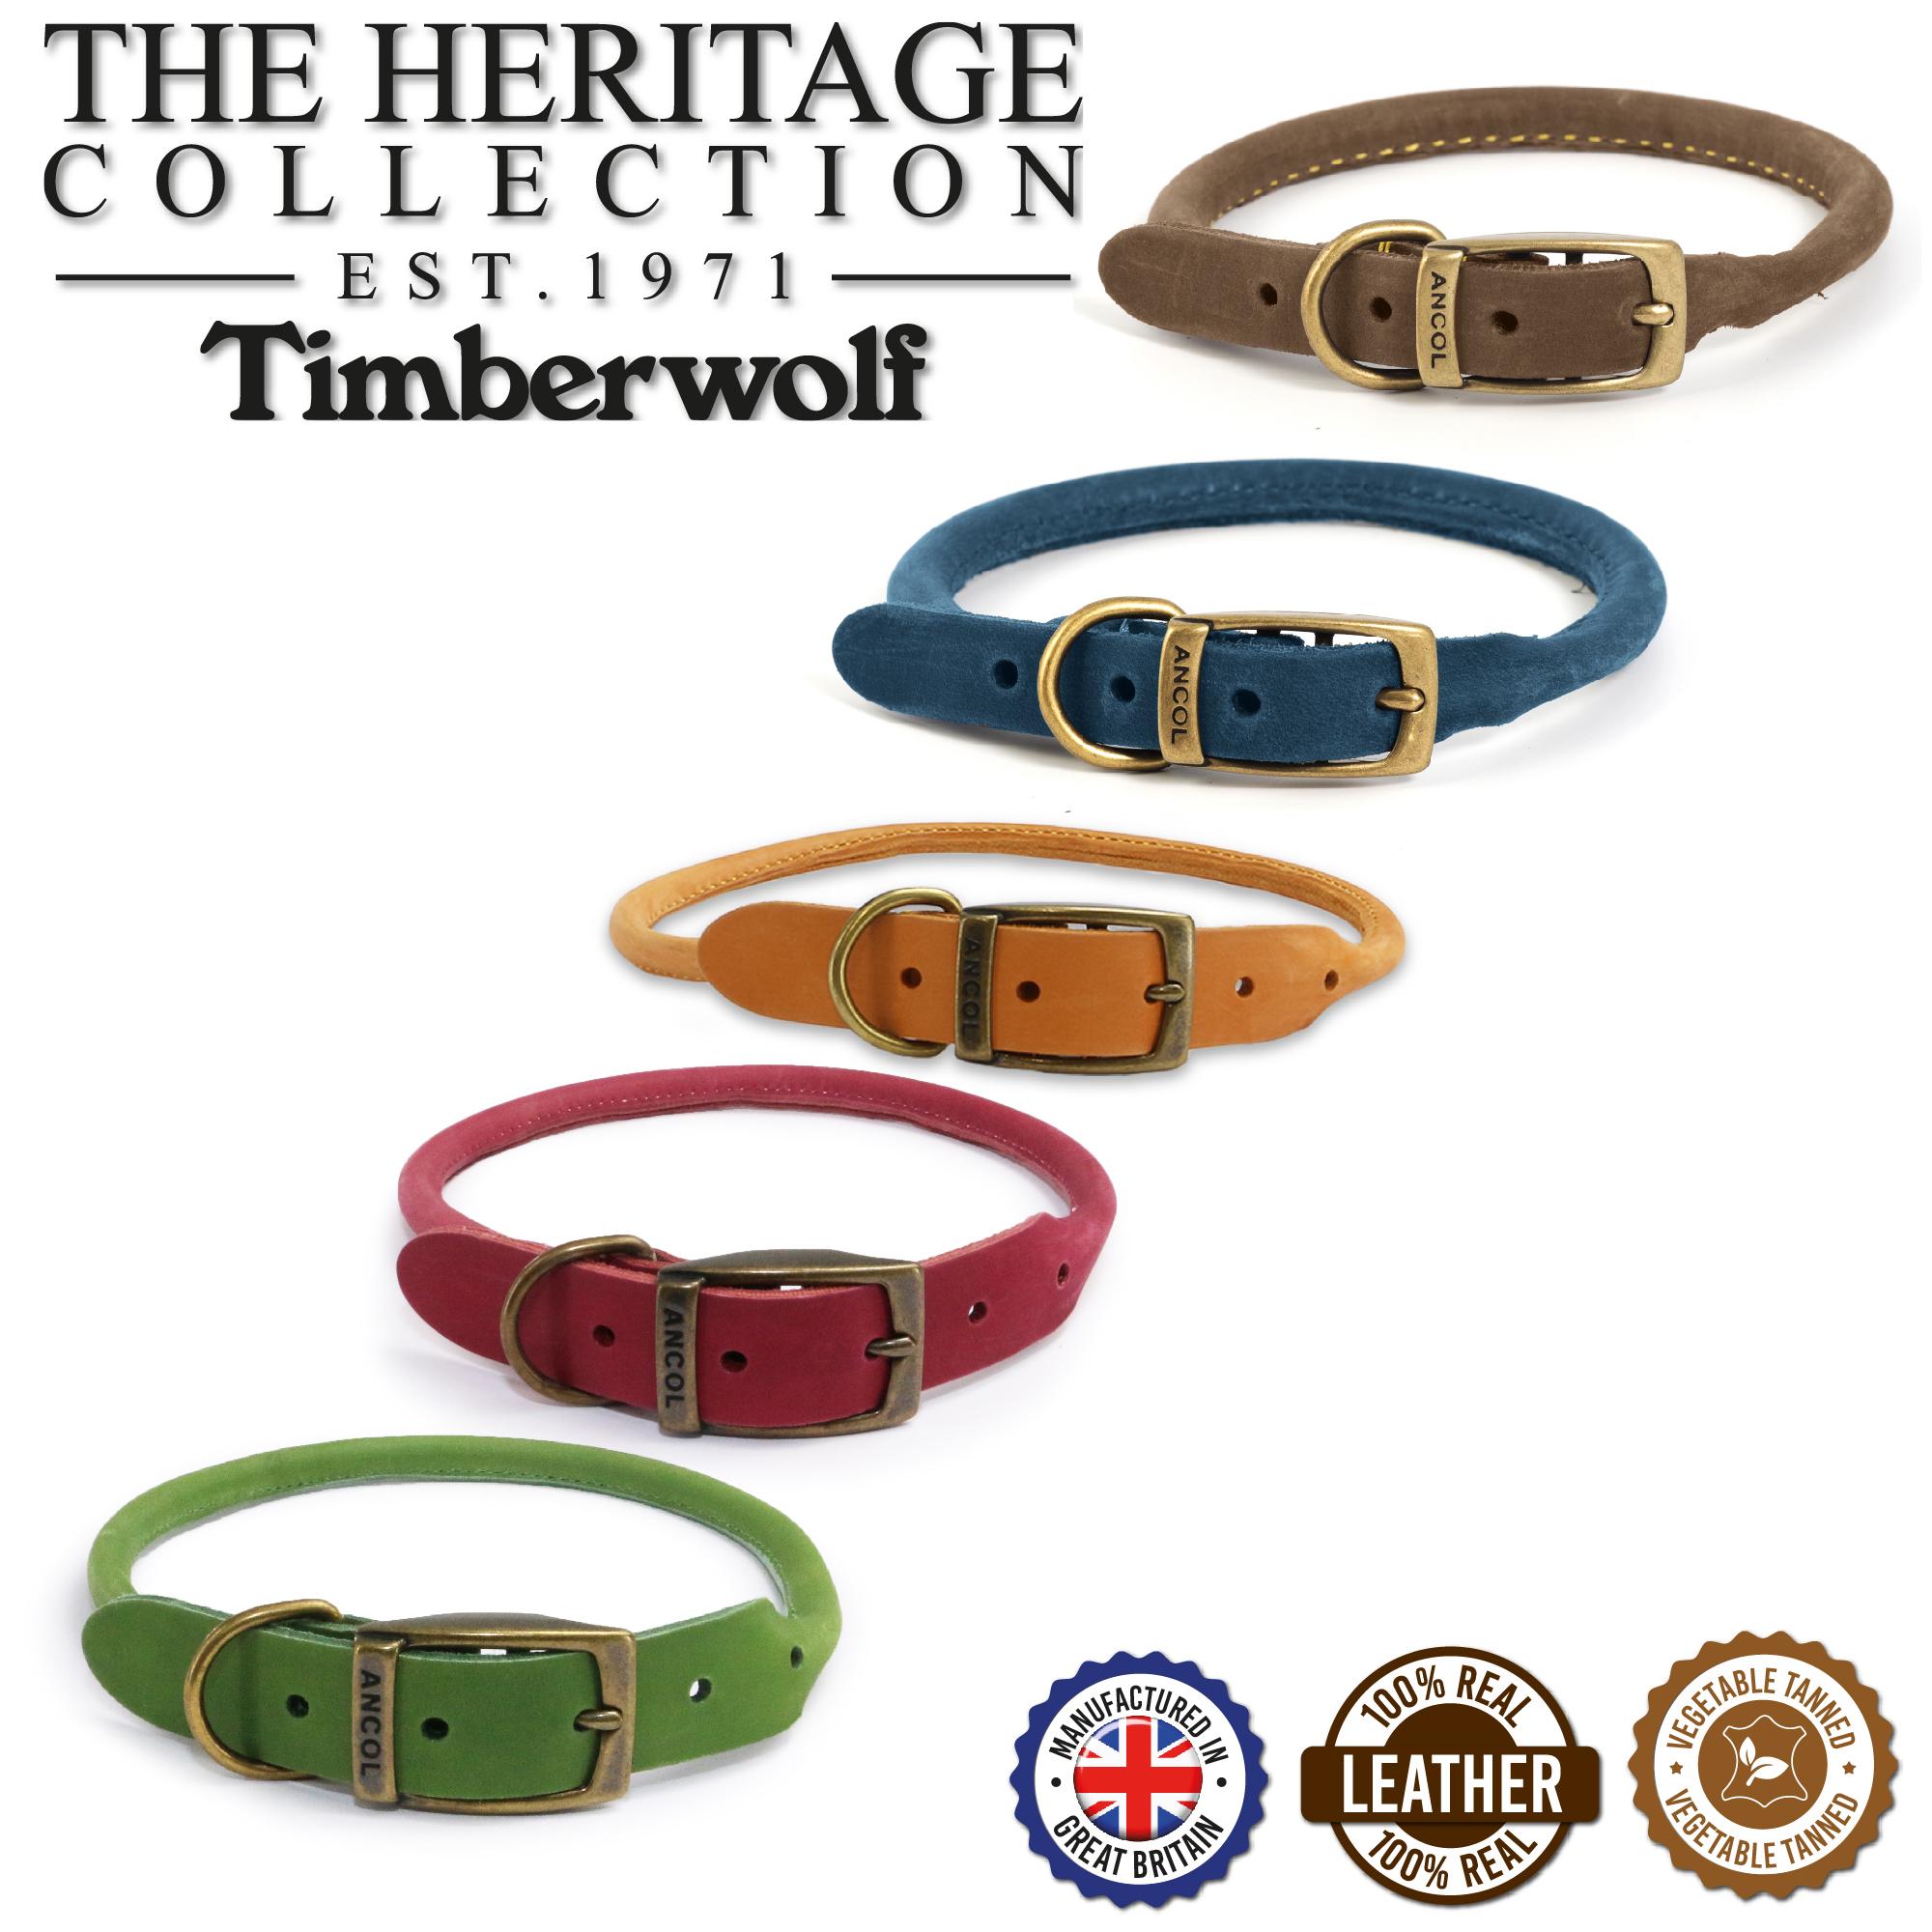 Kulatý kožený obojek timberwolf s technologií 3m - sobolí hnědá